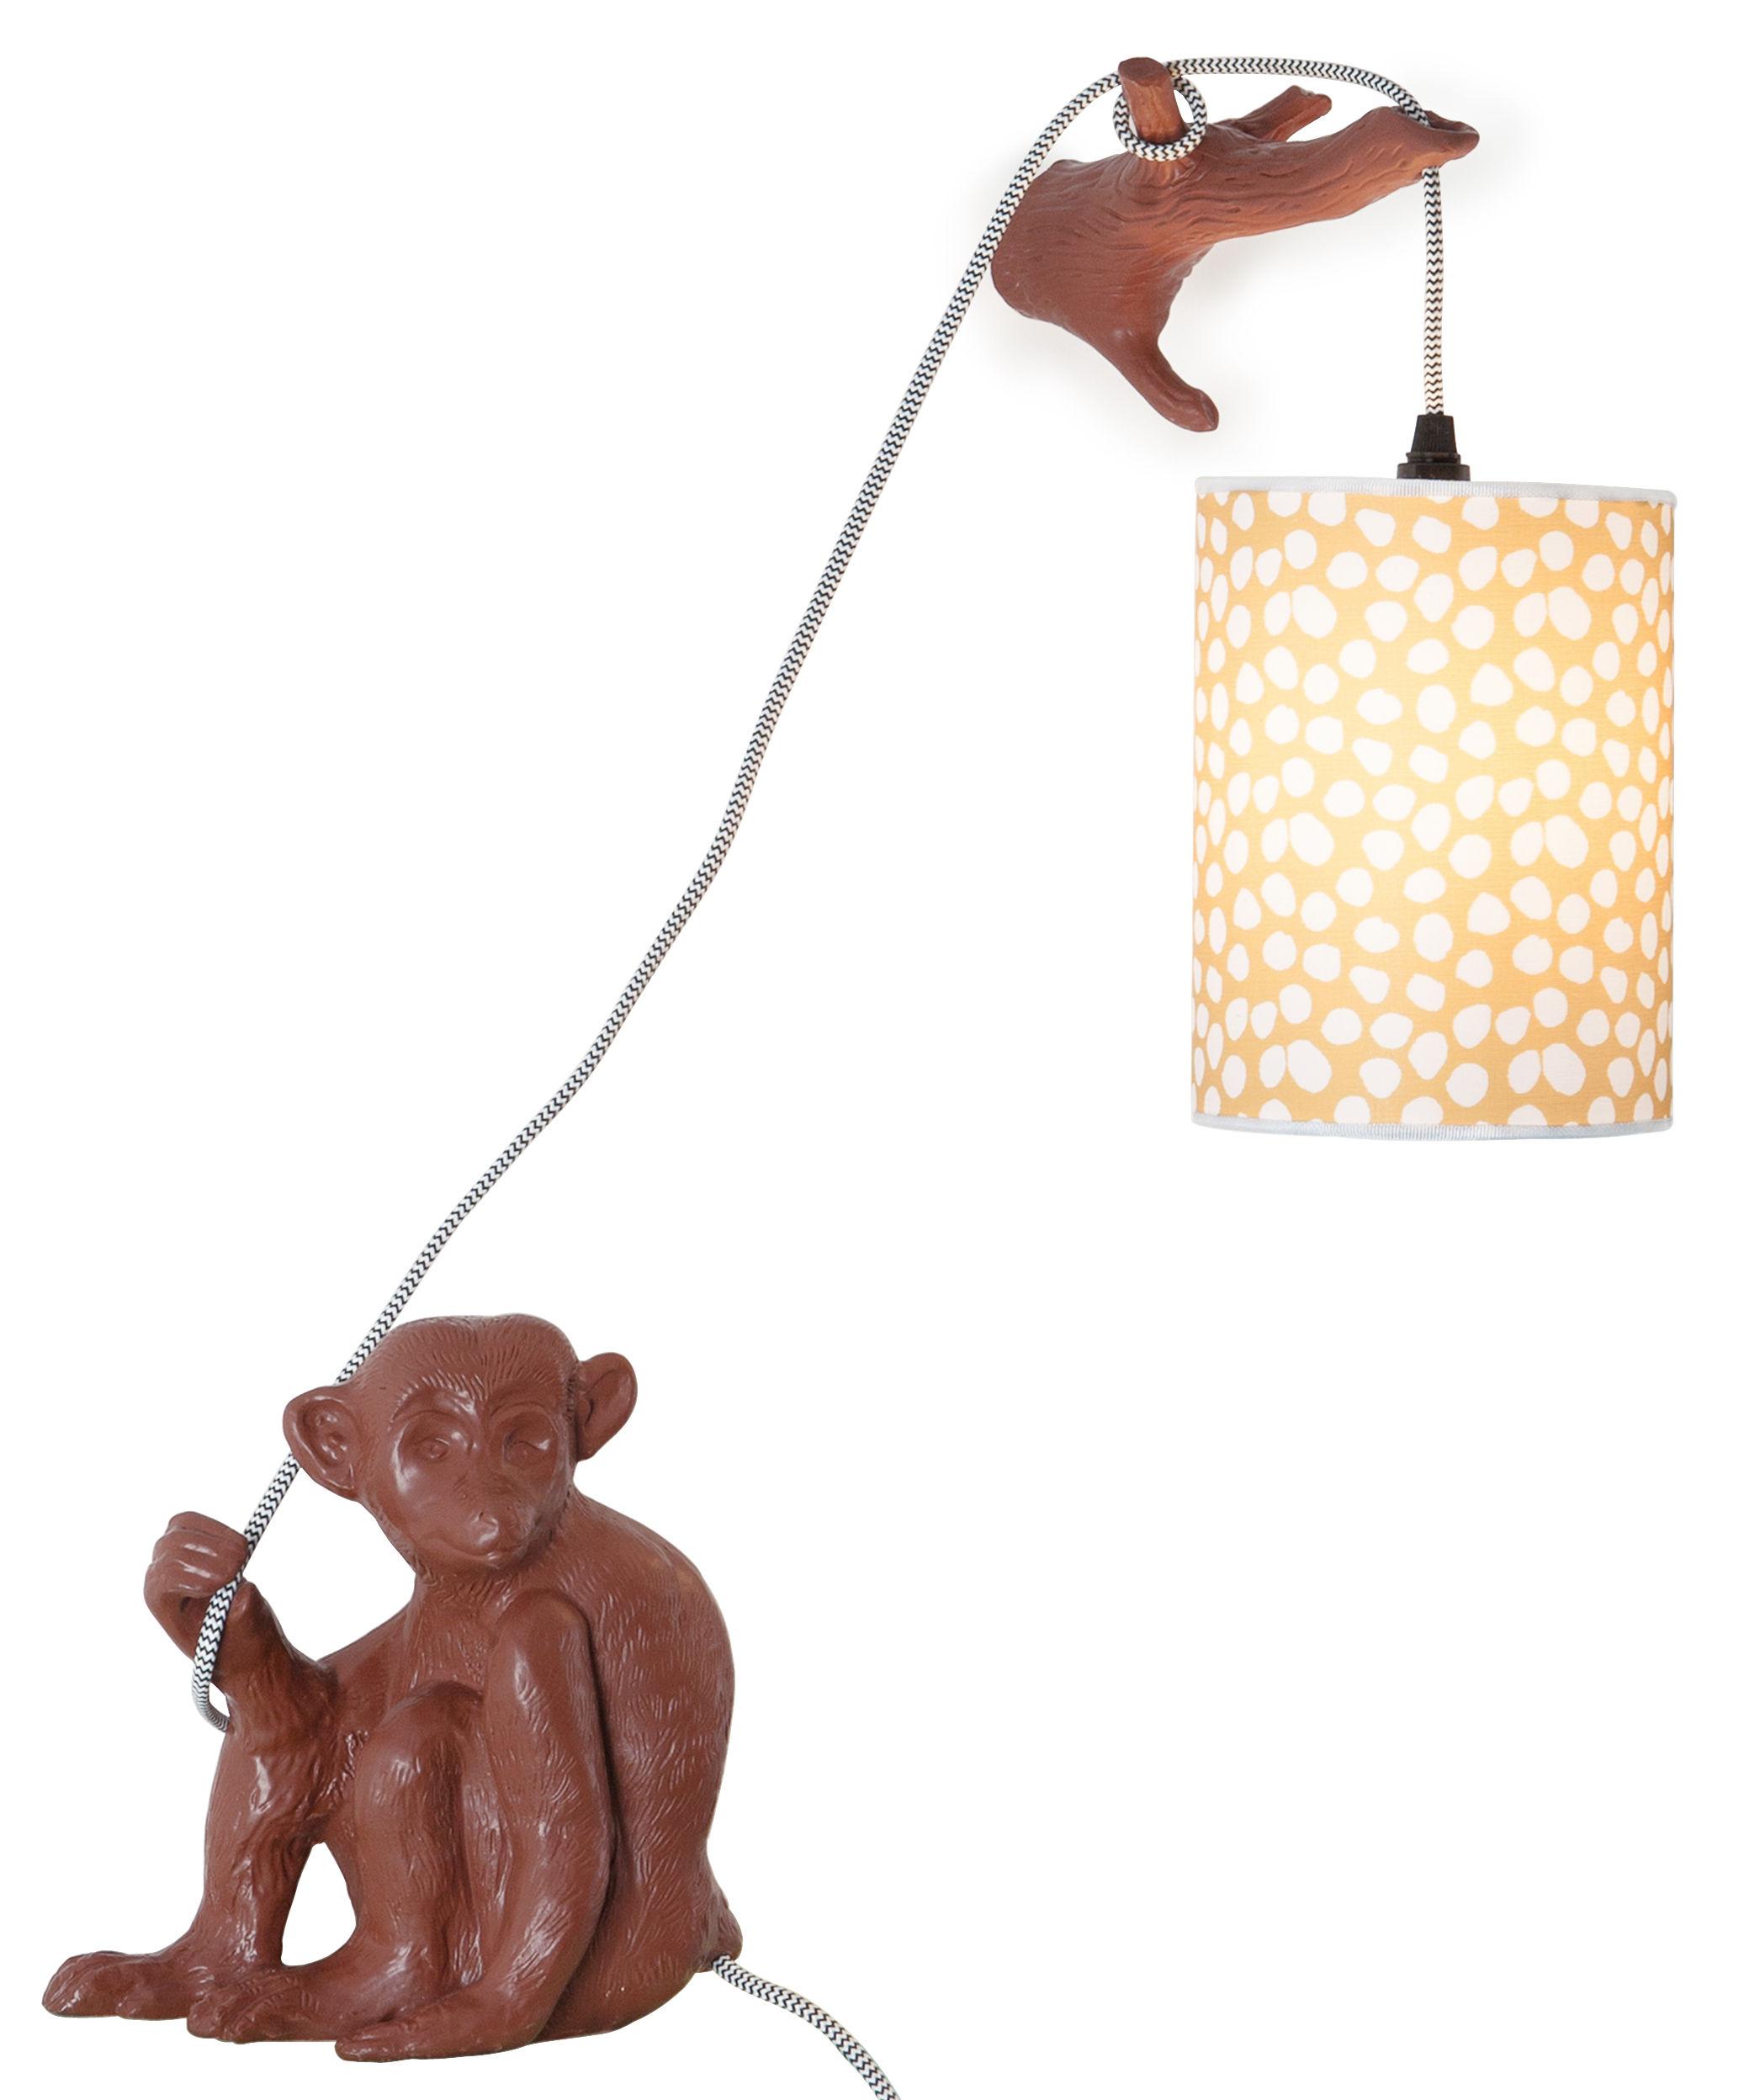 Leuchten - Tischleuchten - Monsieur Choco Wandleuchte mit Stromkabel / mit Ast - Domestic - Braun - emaillierte Keramik